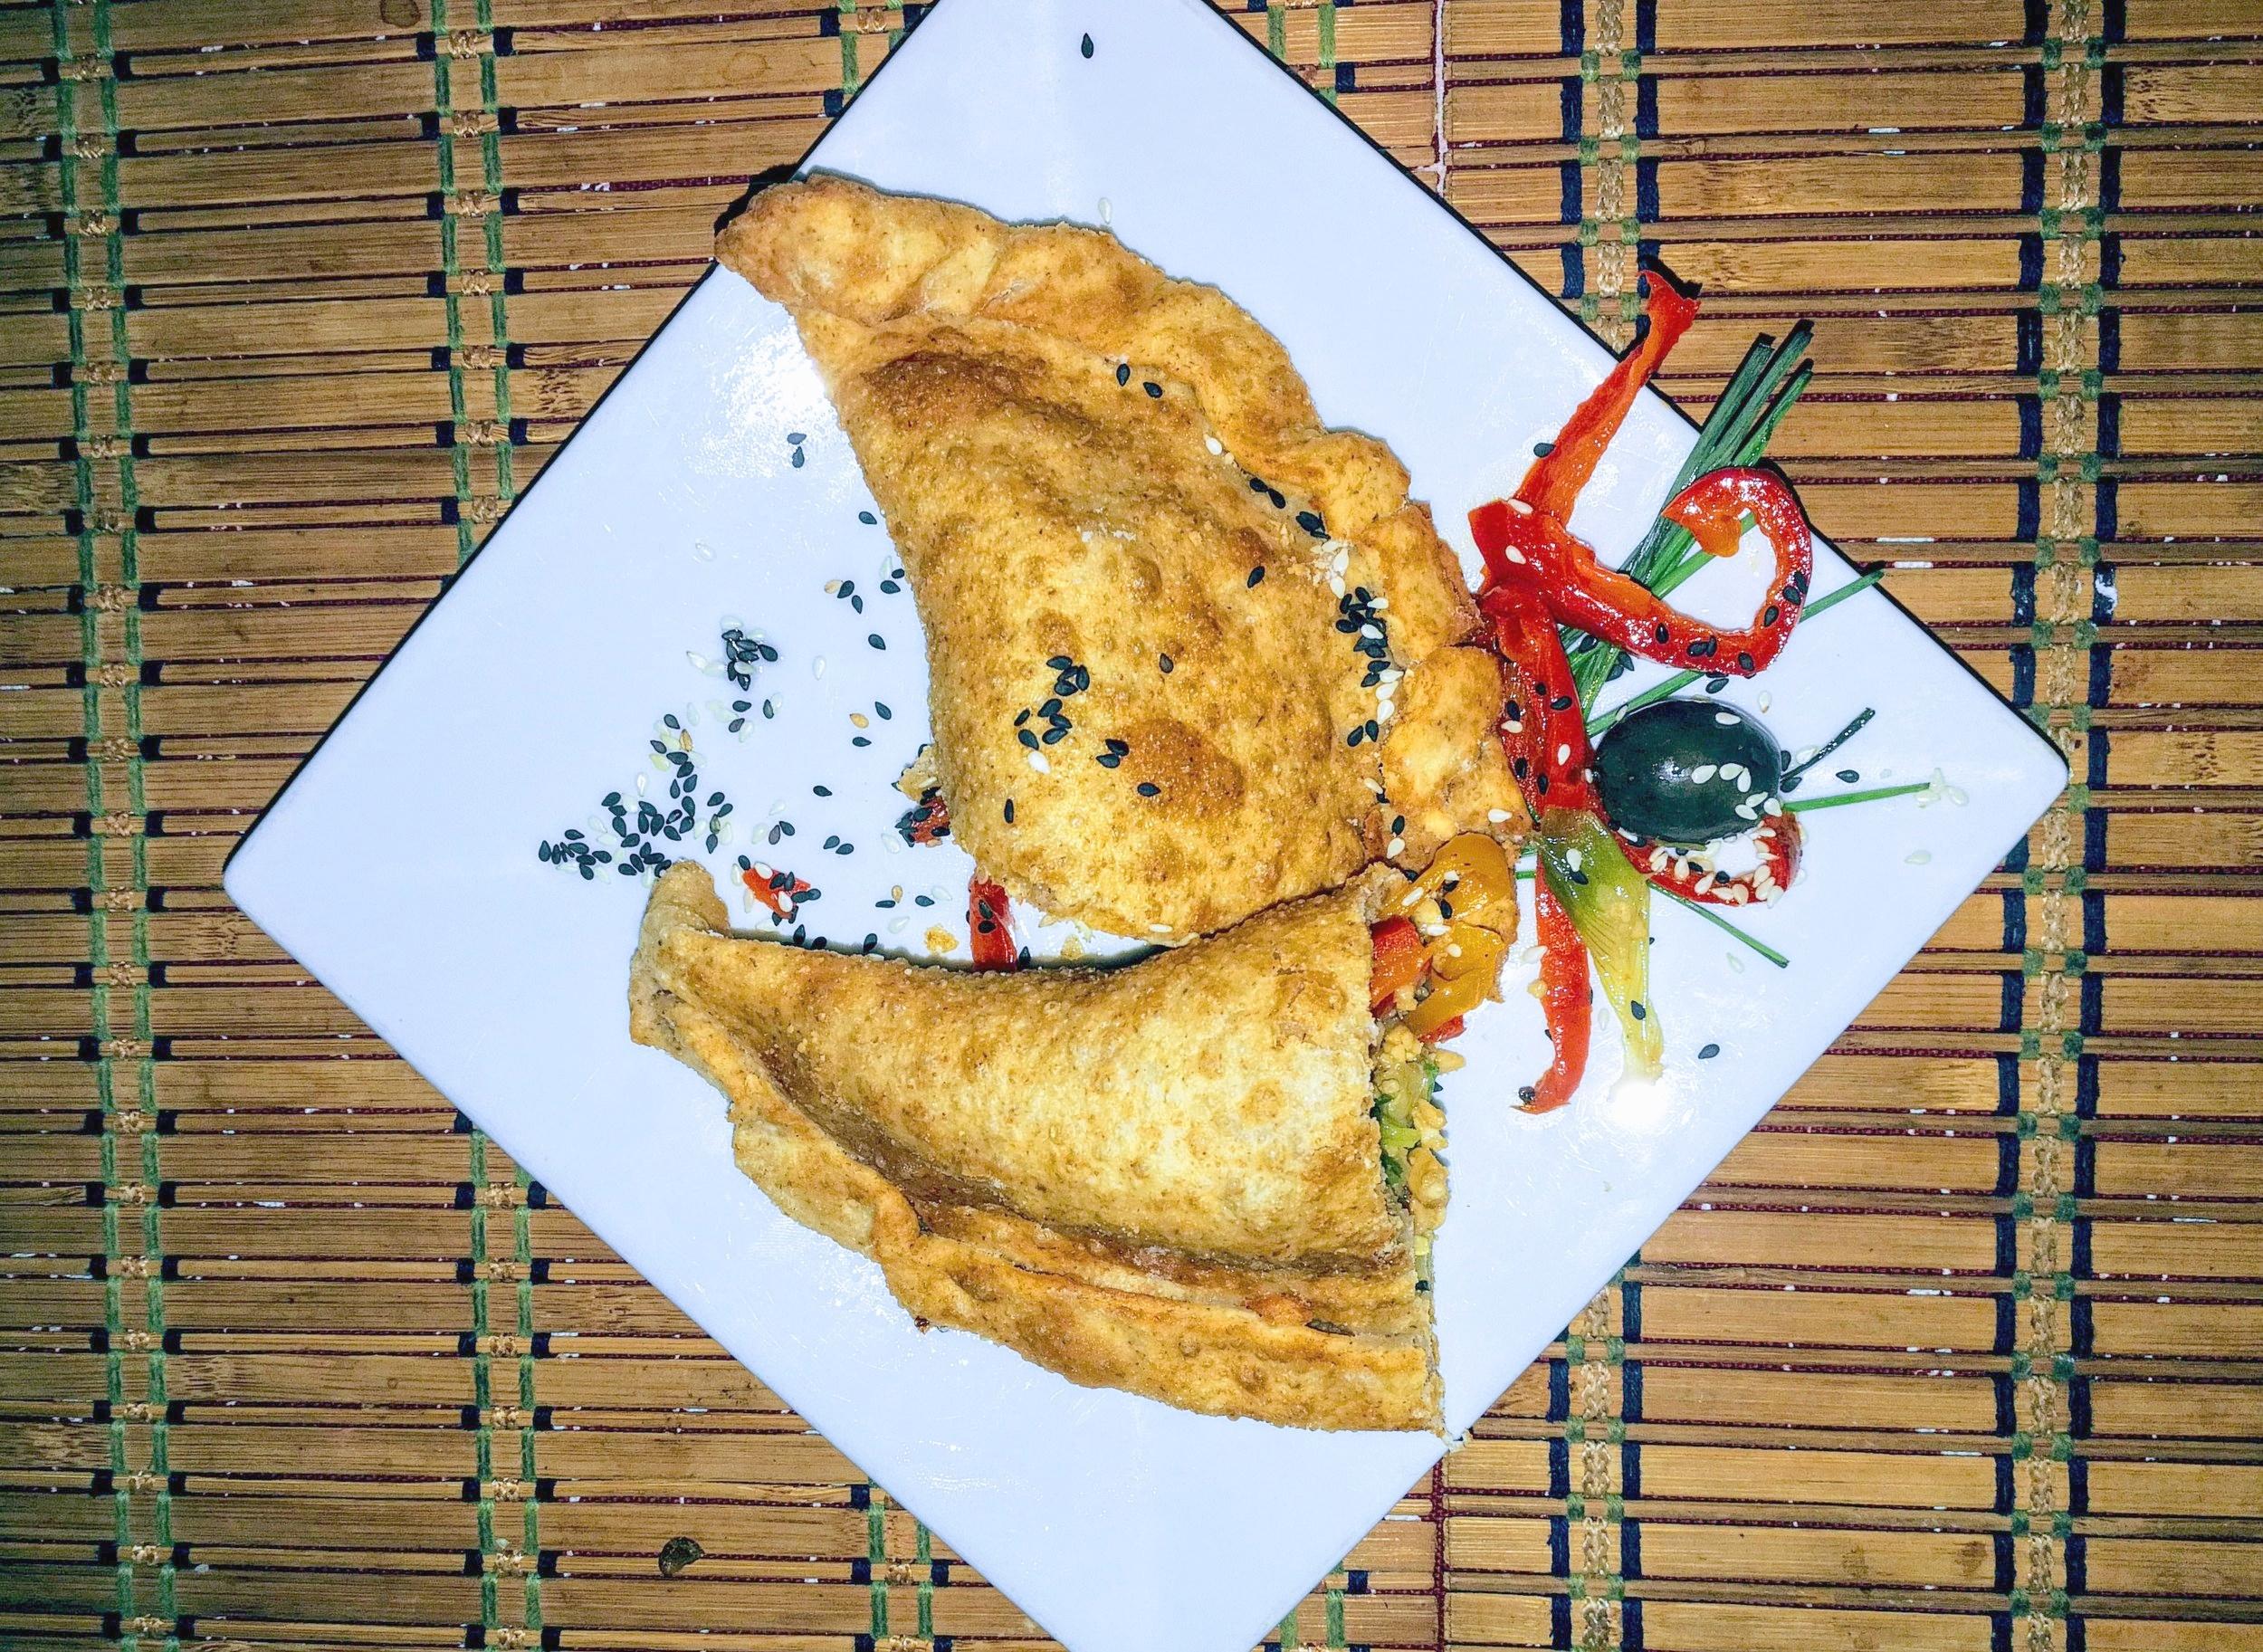 Vegan empanadas at El Chancho Seis in Santiago.